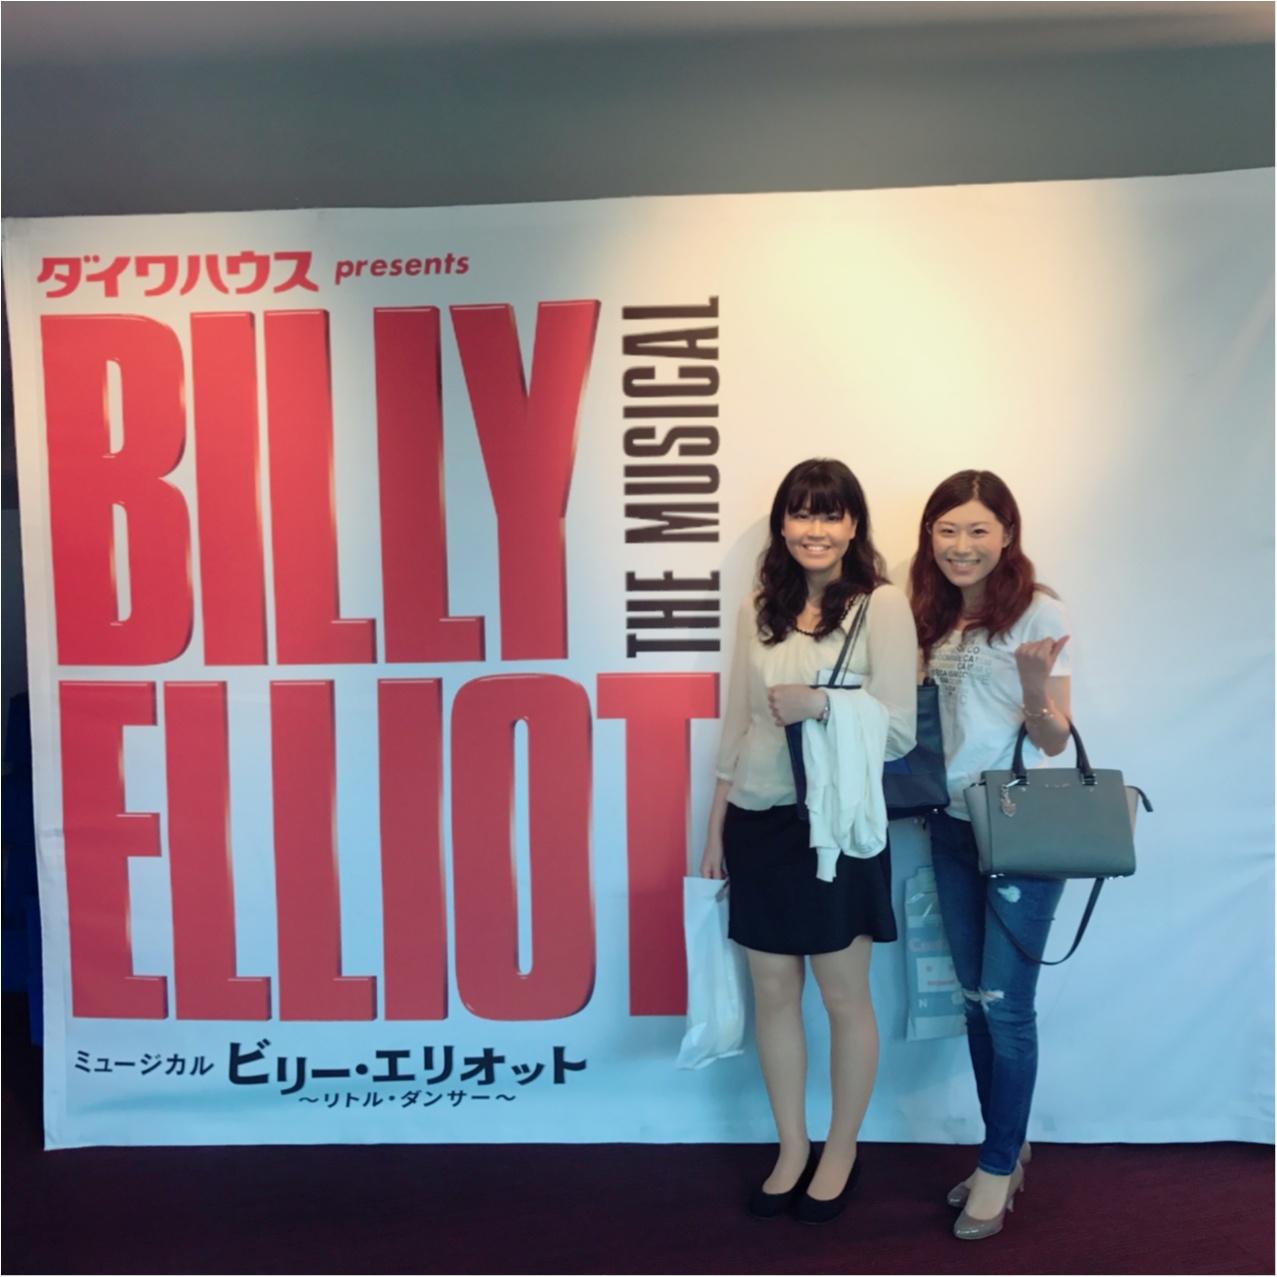 【おでかけ】この夏 注目度No.1!ビリー・エリオットを観劇しました!_2